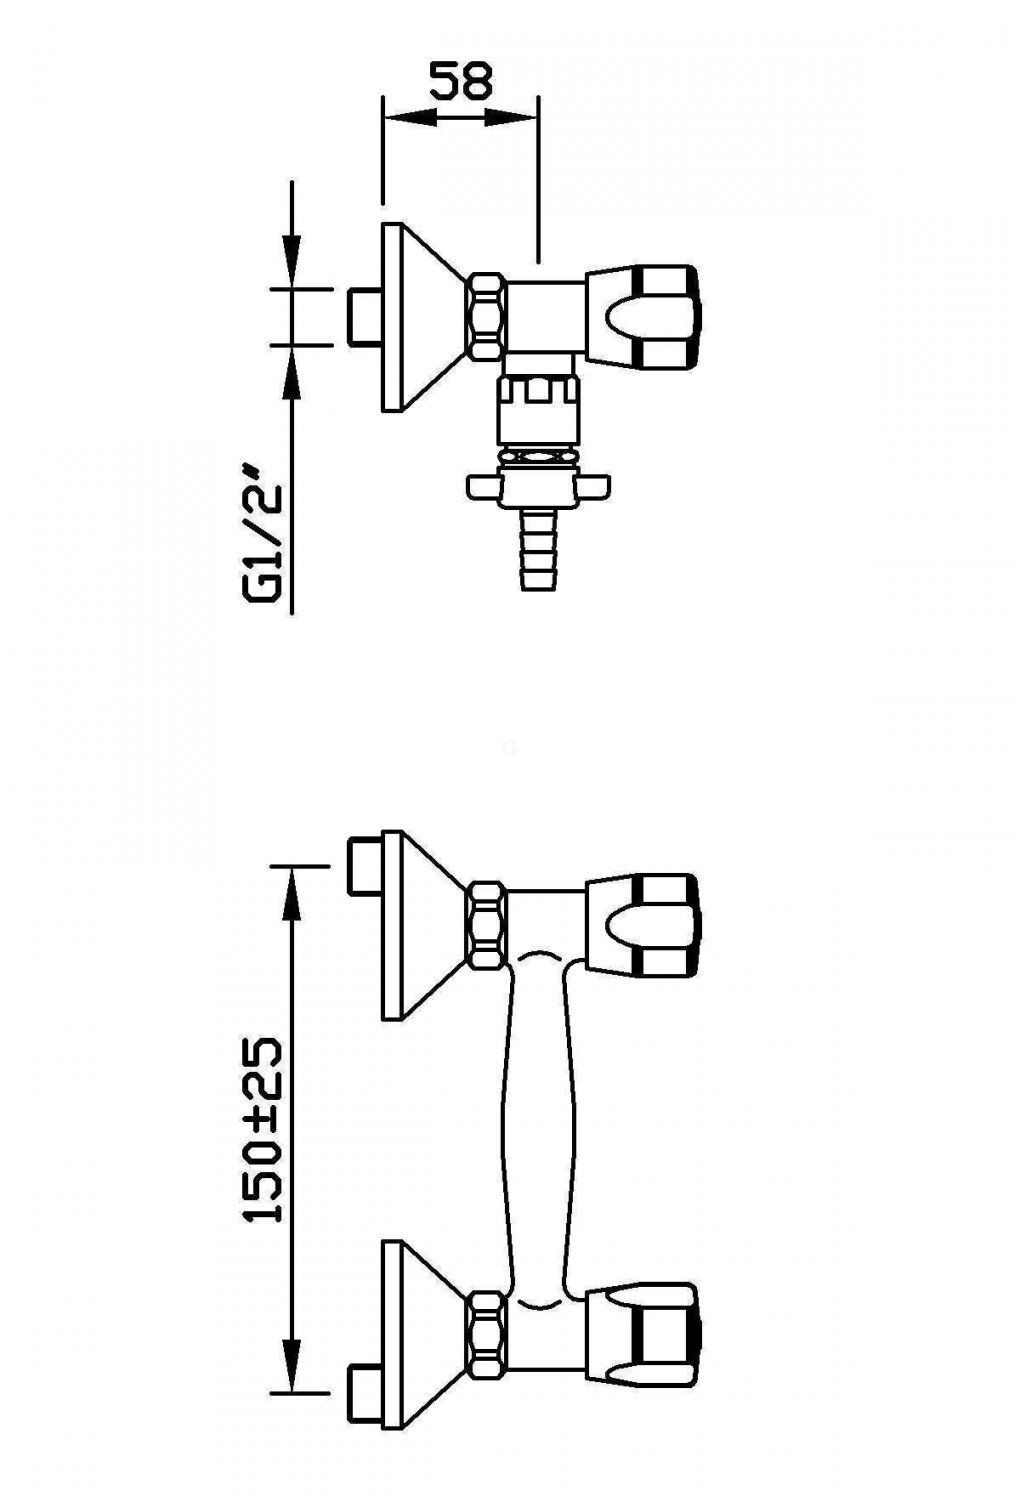 """Echtermann Wandbatterie 12"""" Schlauchanschluss Hochdruck  Gastrodax ® von Durchlauferhitzer Niederdruck Oder Hochdruck Bild"""